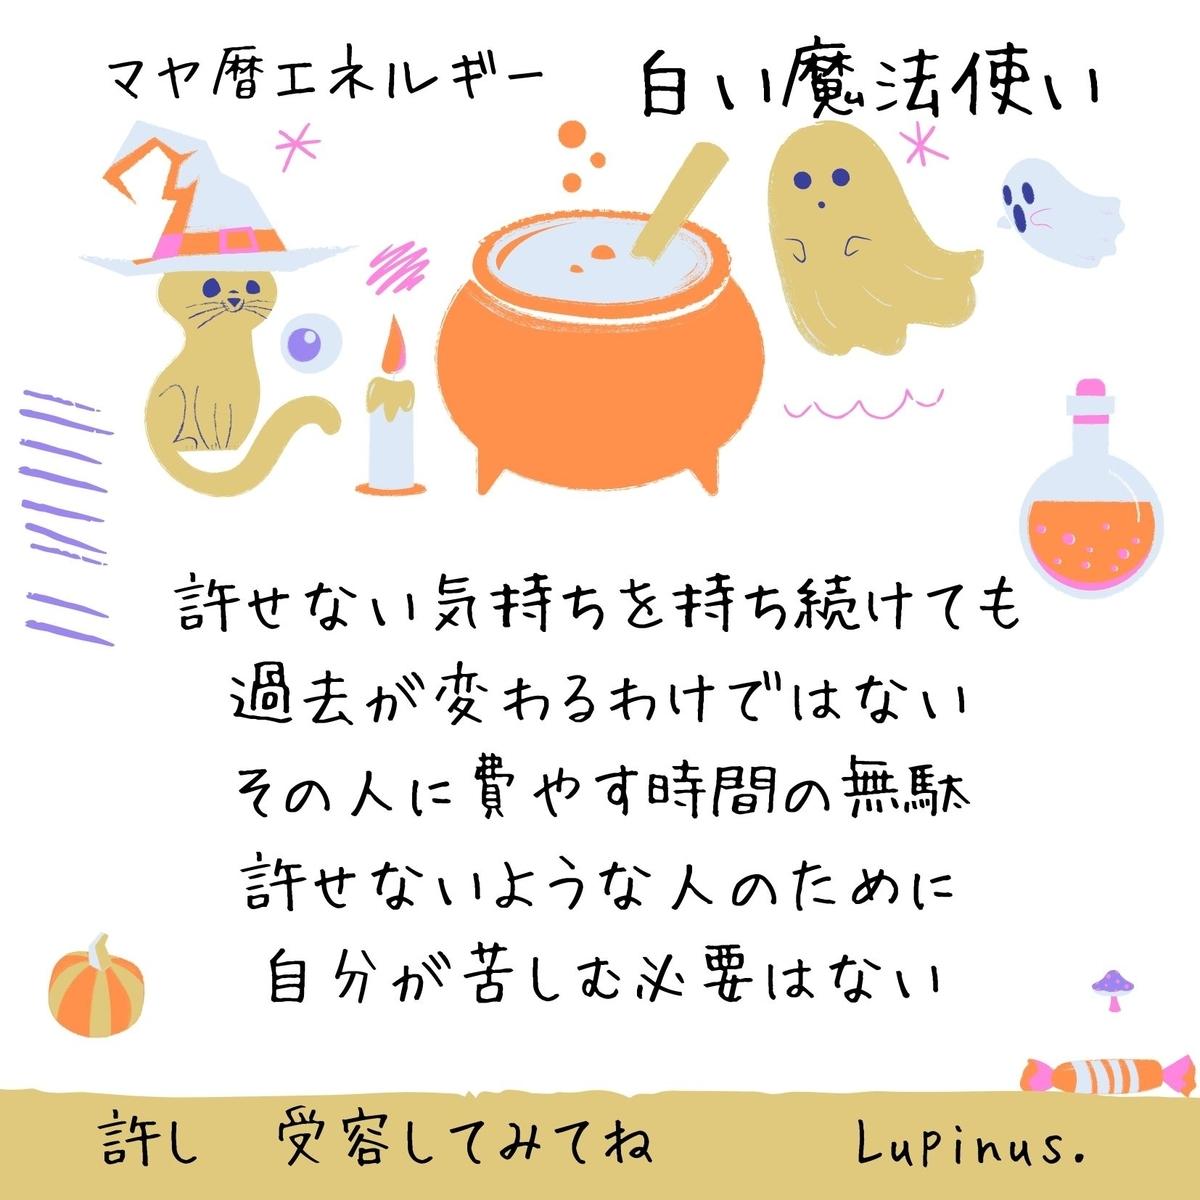 f:id:Lupinus104:20200406131040j:plain